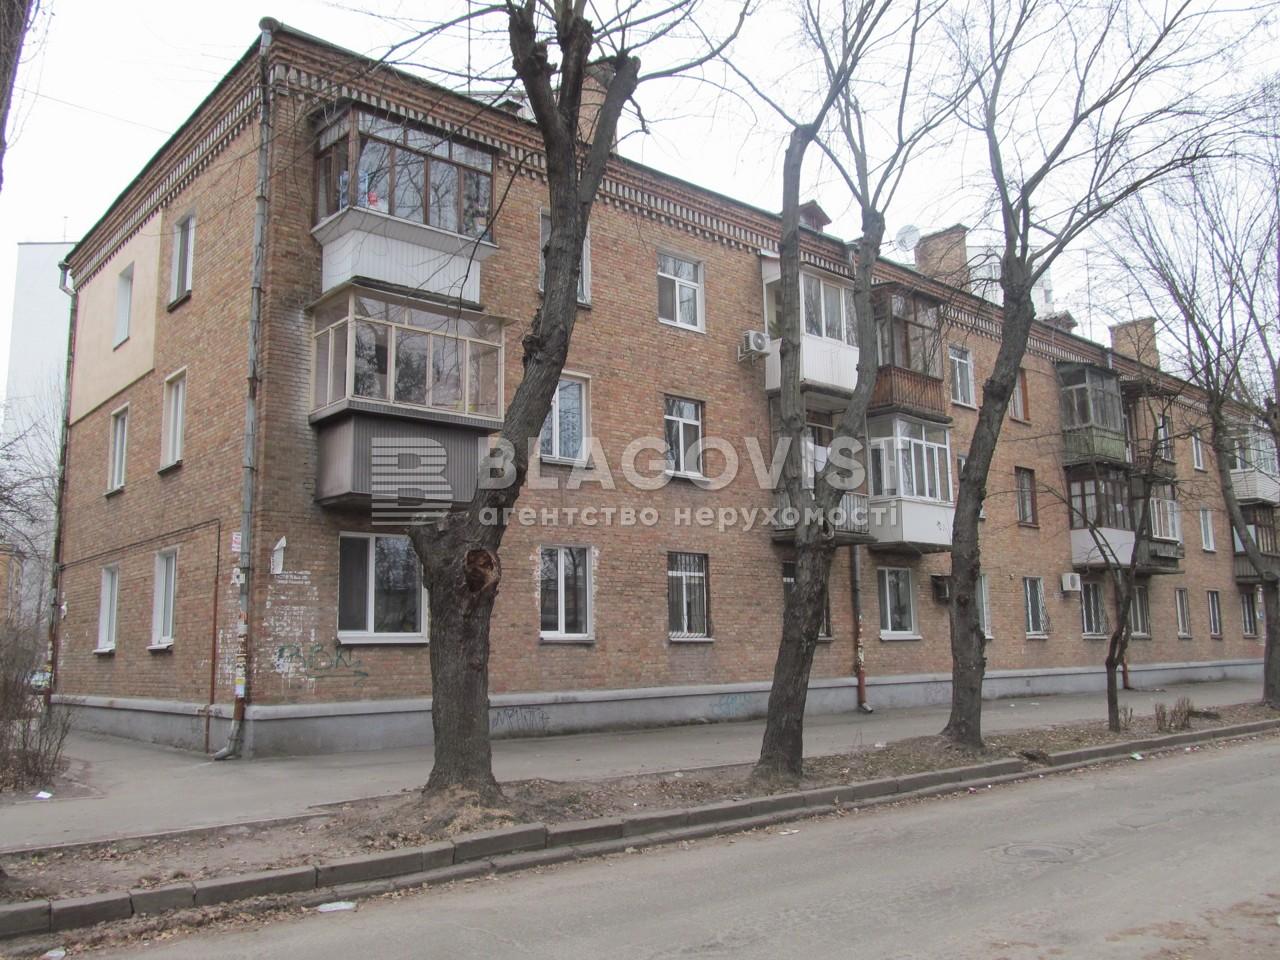 Квартира E-33231, Галагановская (Горбачева Емельяна), 18, Киев - Фото 1